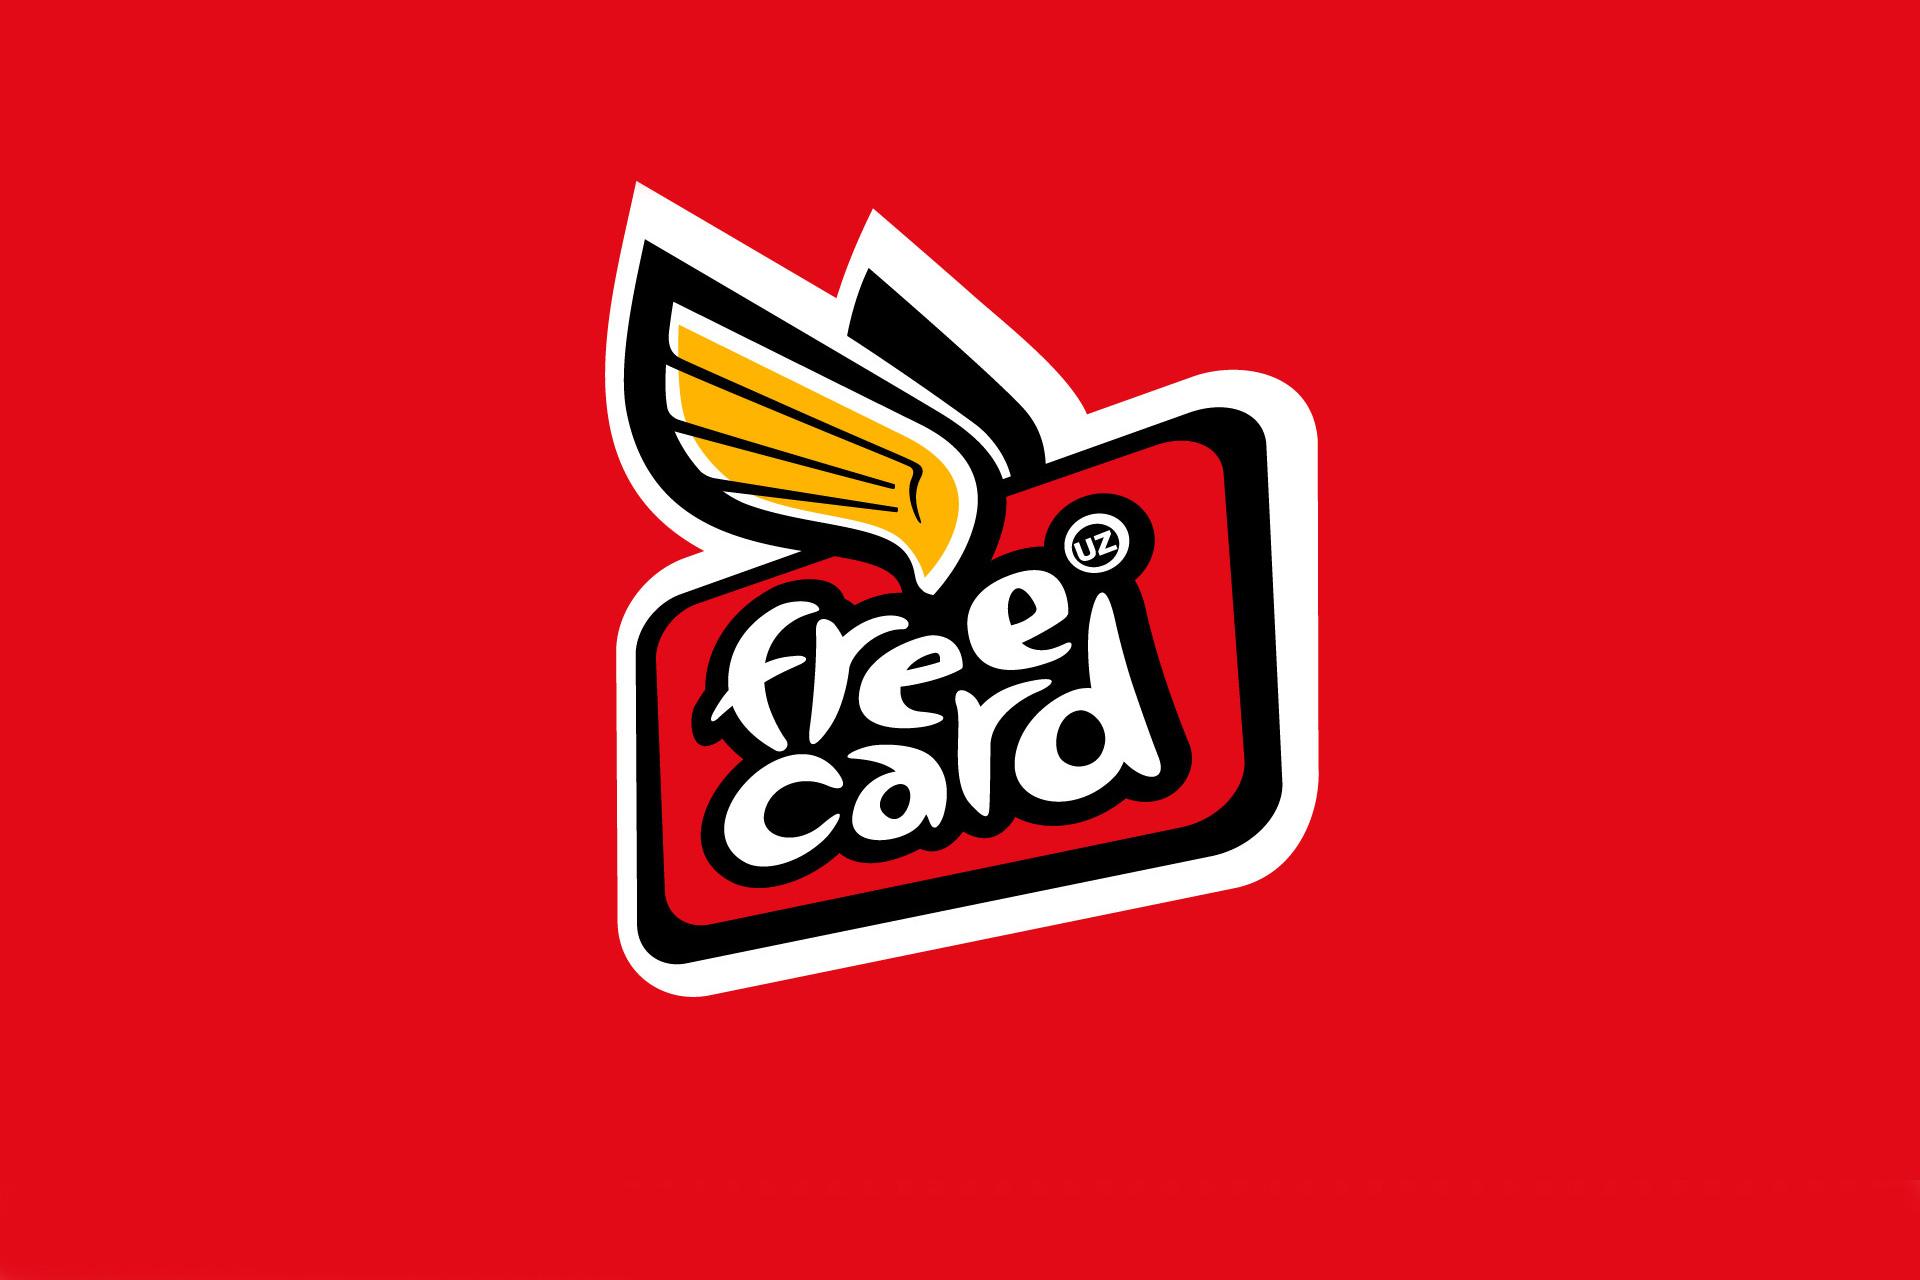 Asgard Branding, фирменный стиль, айдентика, дизайн лого, Free Card, графический дизайн, рекламное агентство